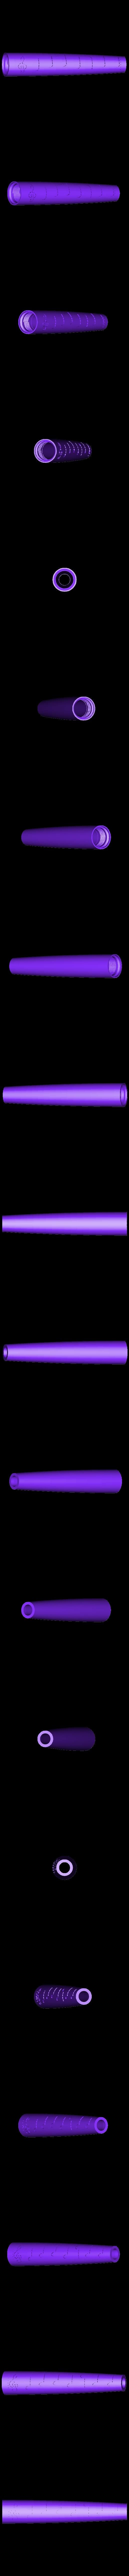 Main.stl Télécharger fichier STL gratuit Stylo-plume • Plan à imprimer en 3D, kpawel